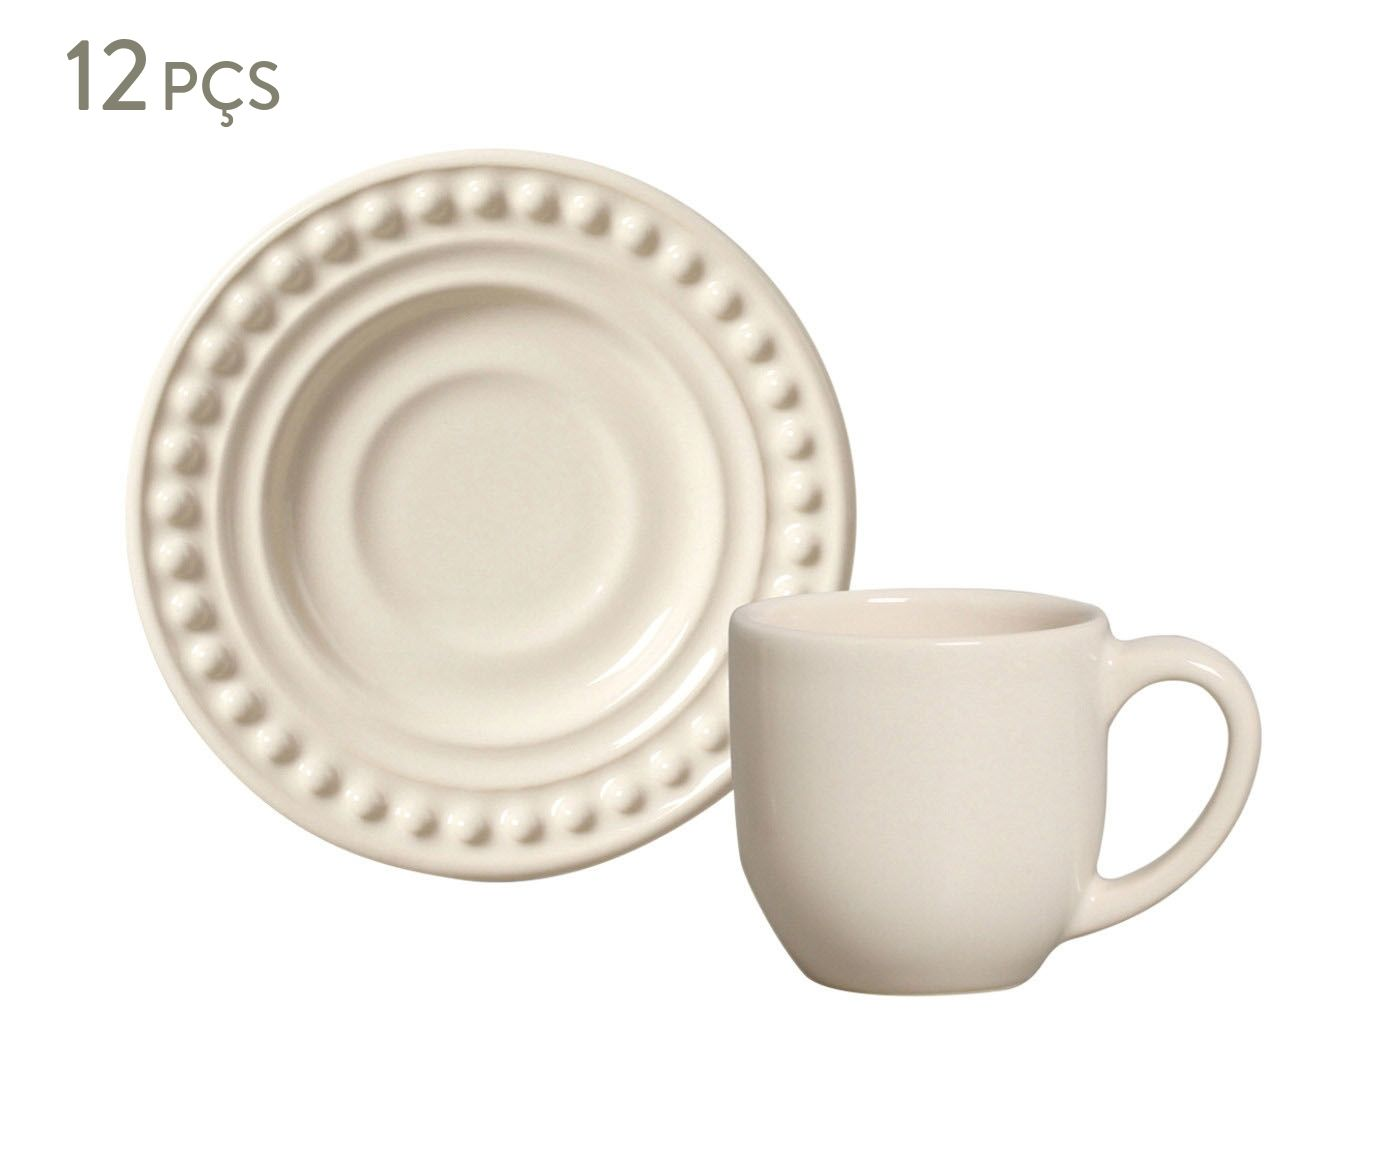 Jogo de Xícaras para Café com Pires Atenas Cru - 75ml | Westwing.com.br